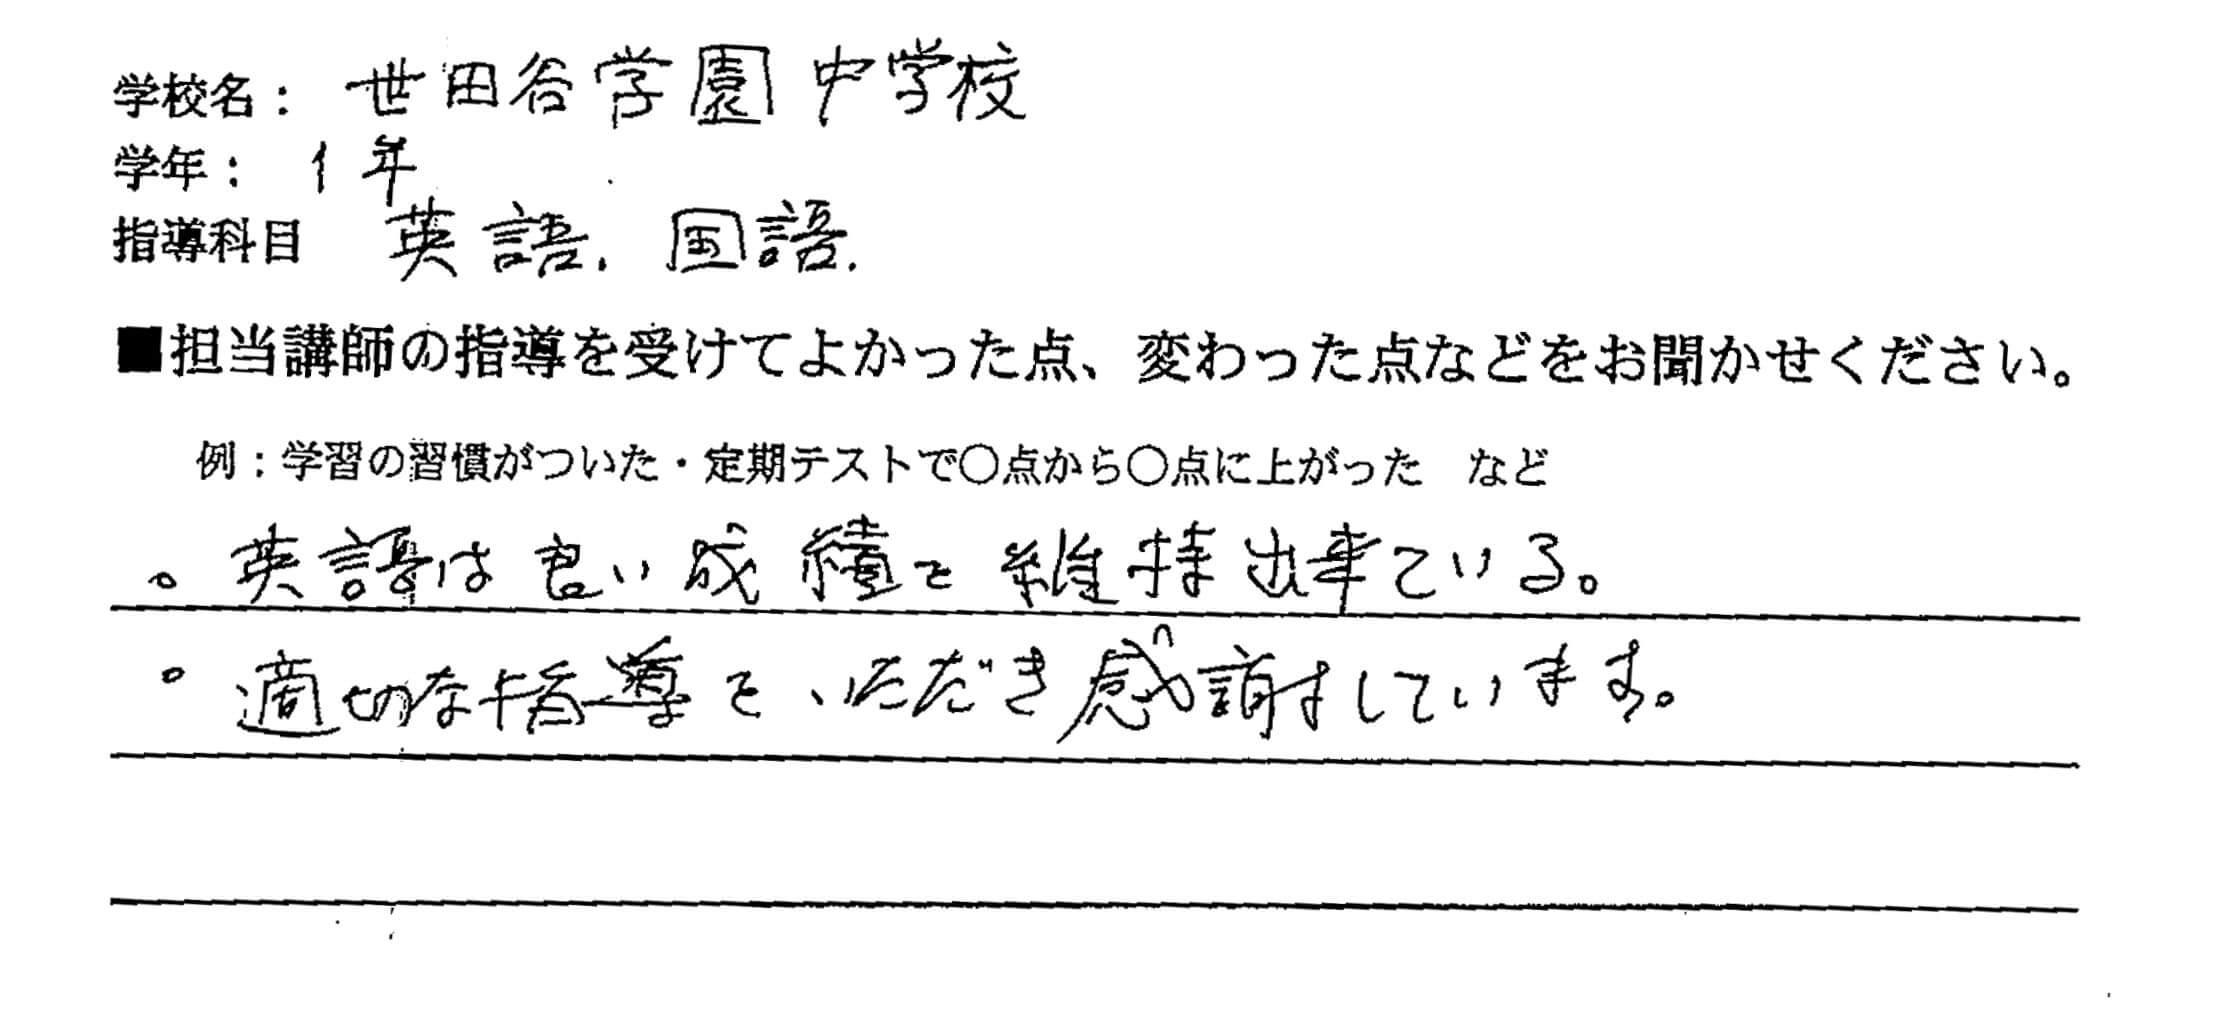 世田谷学園中等学校 1年 K・Oさん